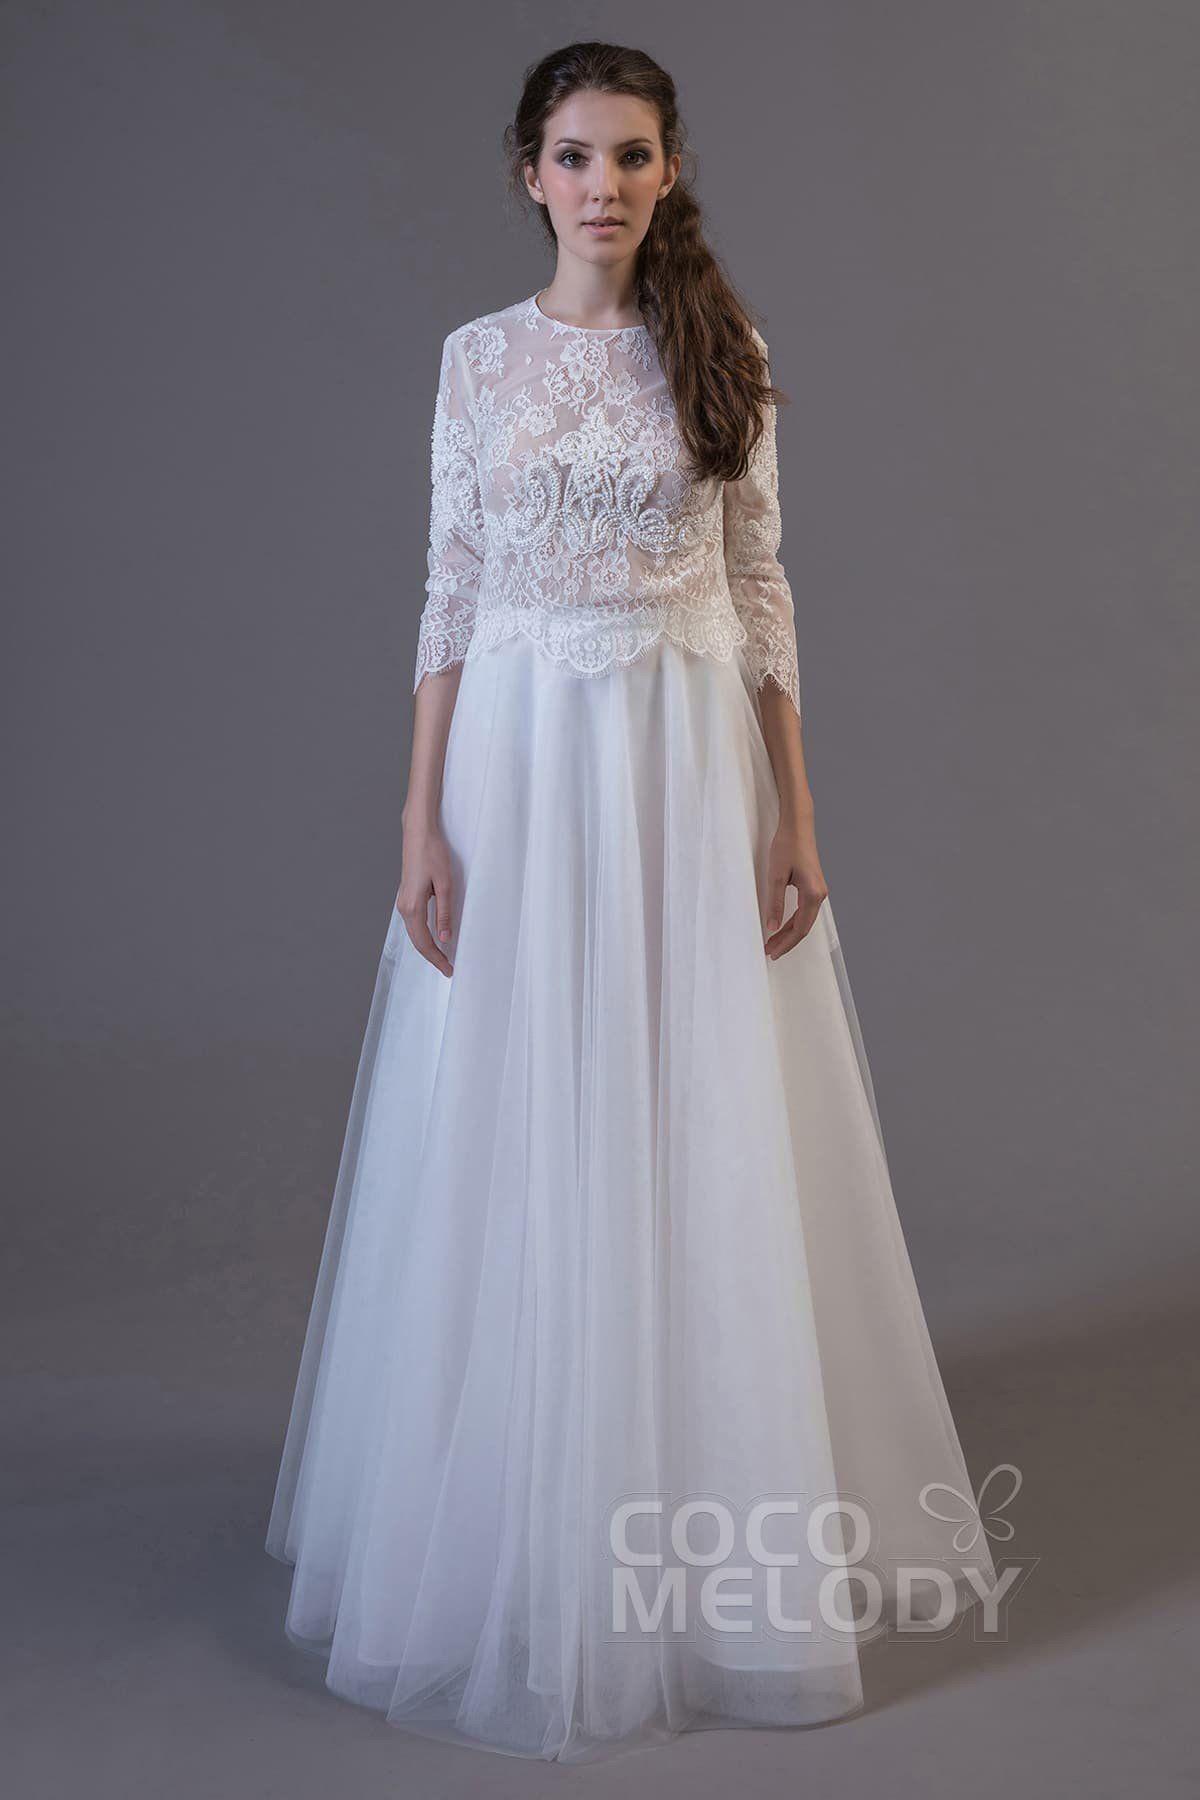 3/4 length lace wedding dress  Crop top Floor Length Tulle and Lace Wedding Dress LD  dresses